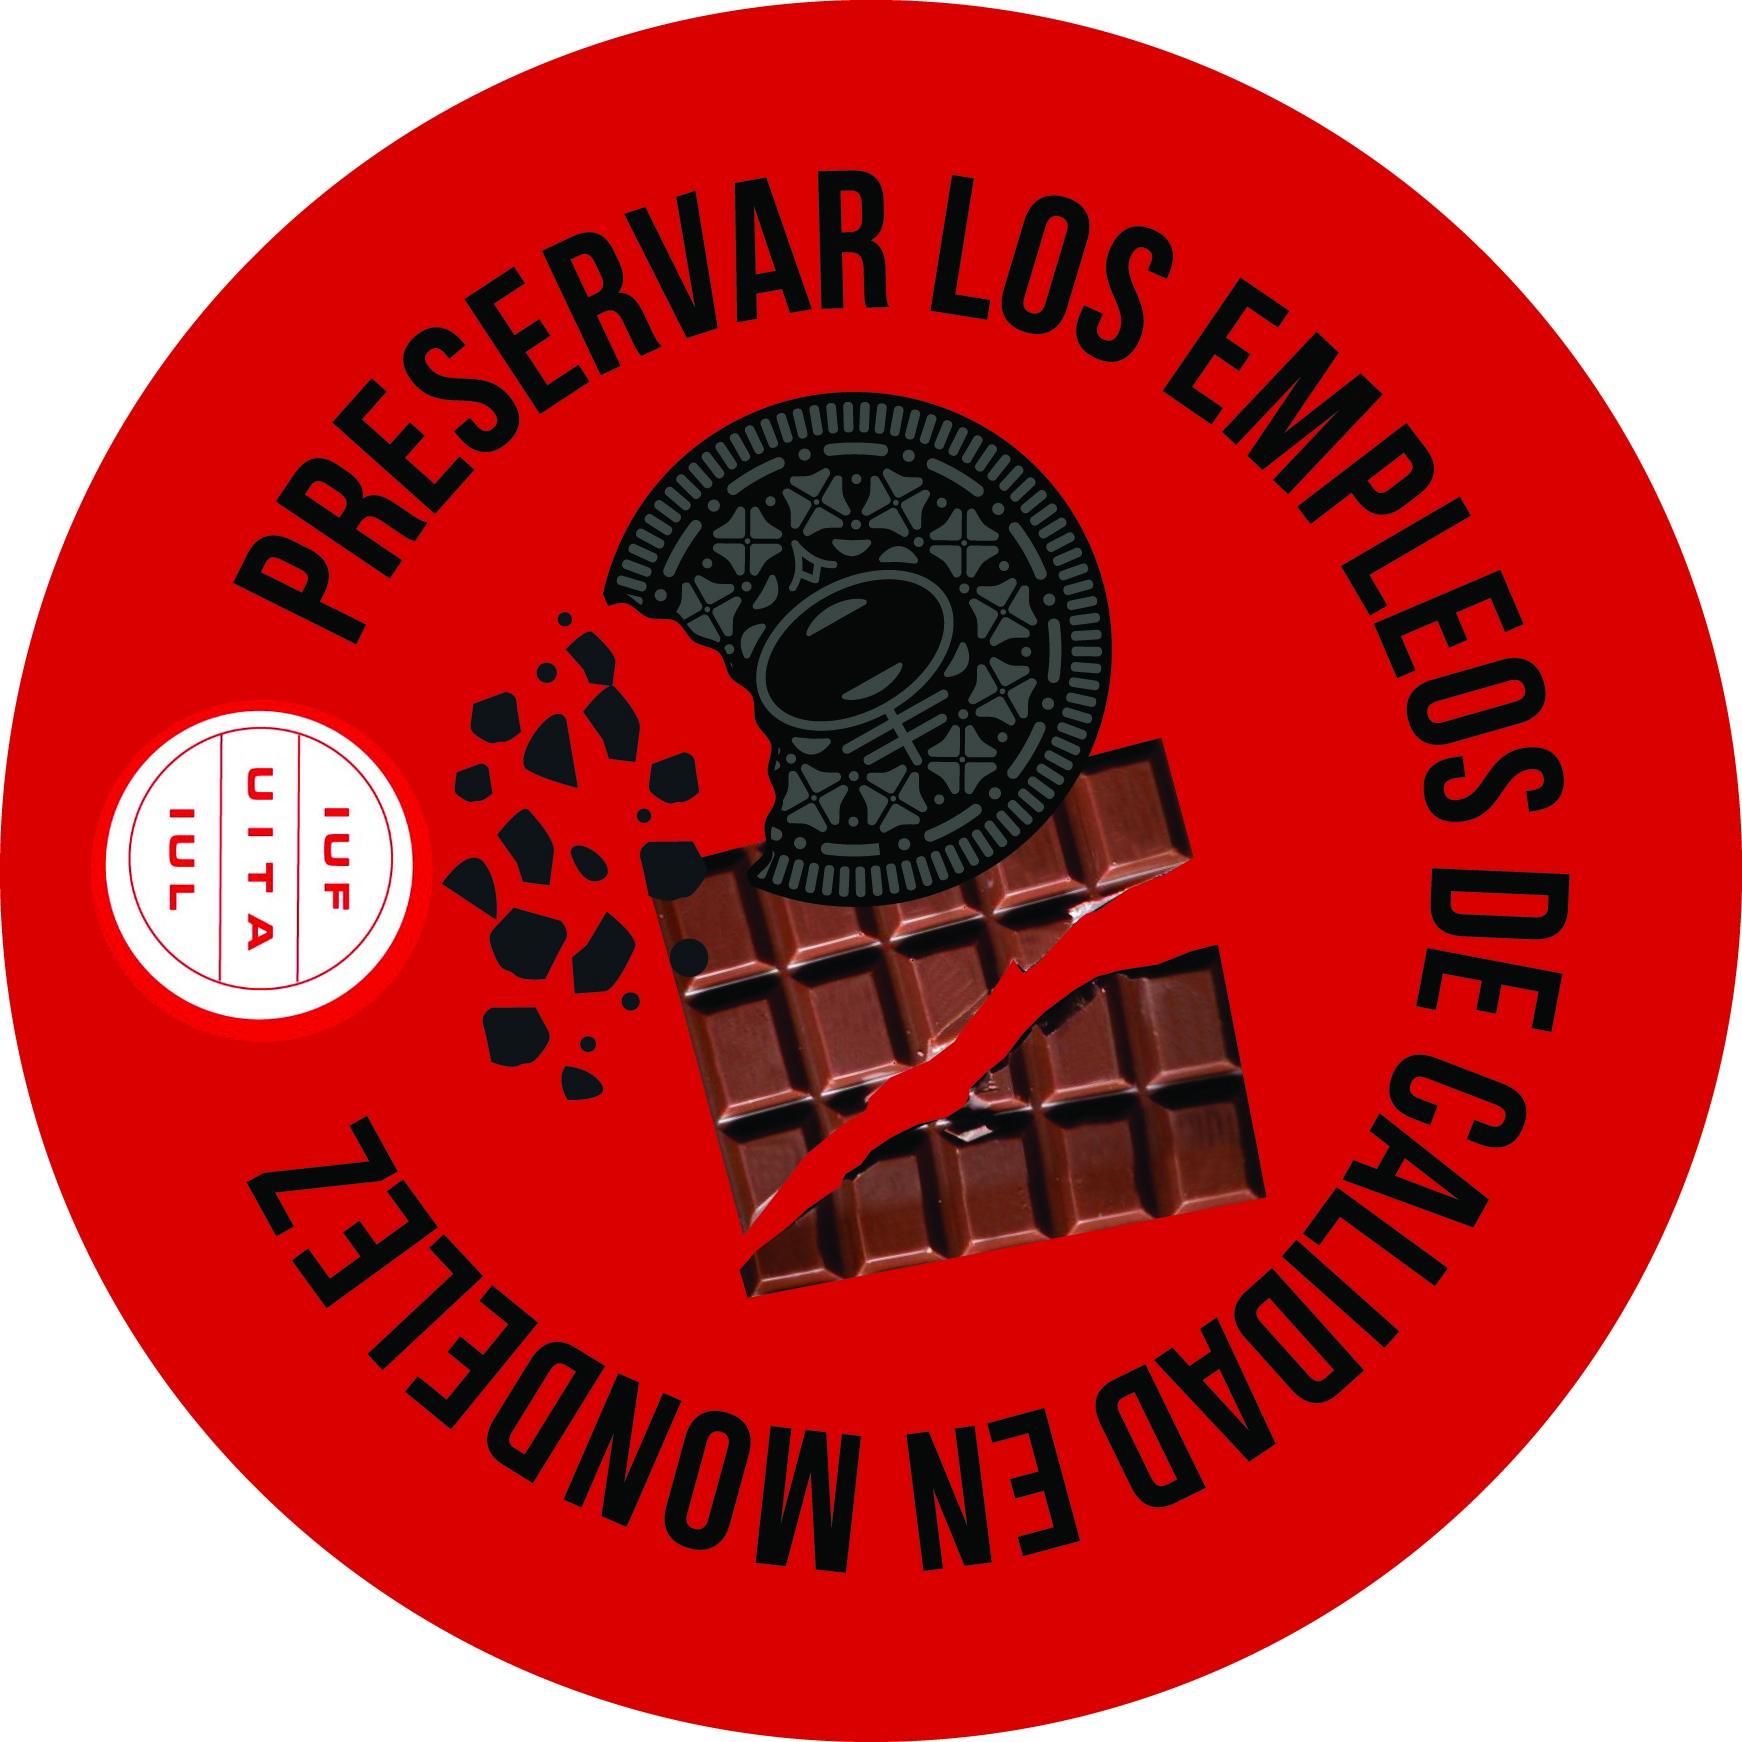 mondelez-sticker-spanish-red